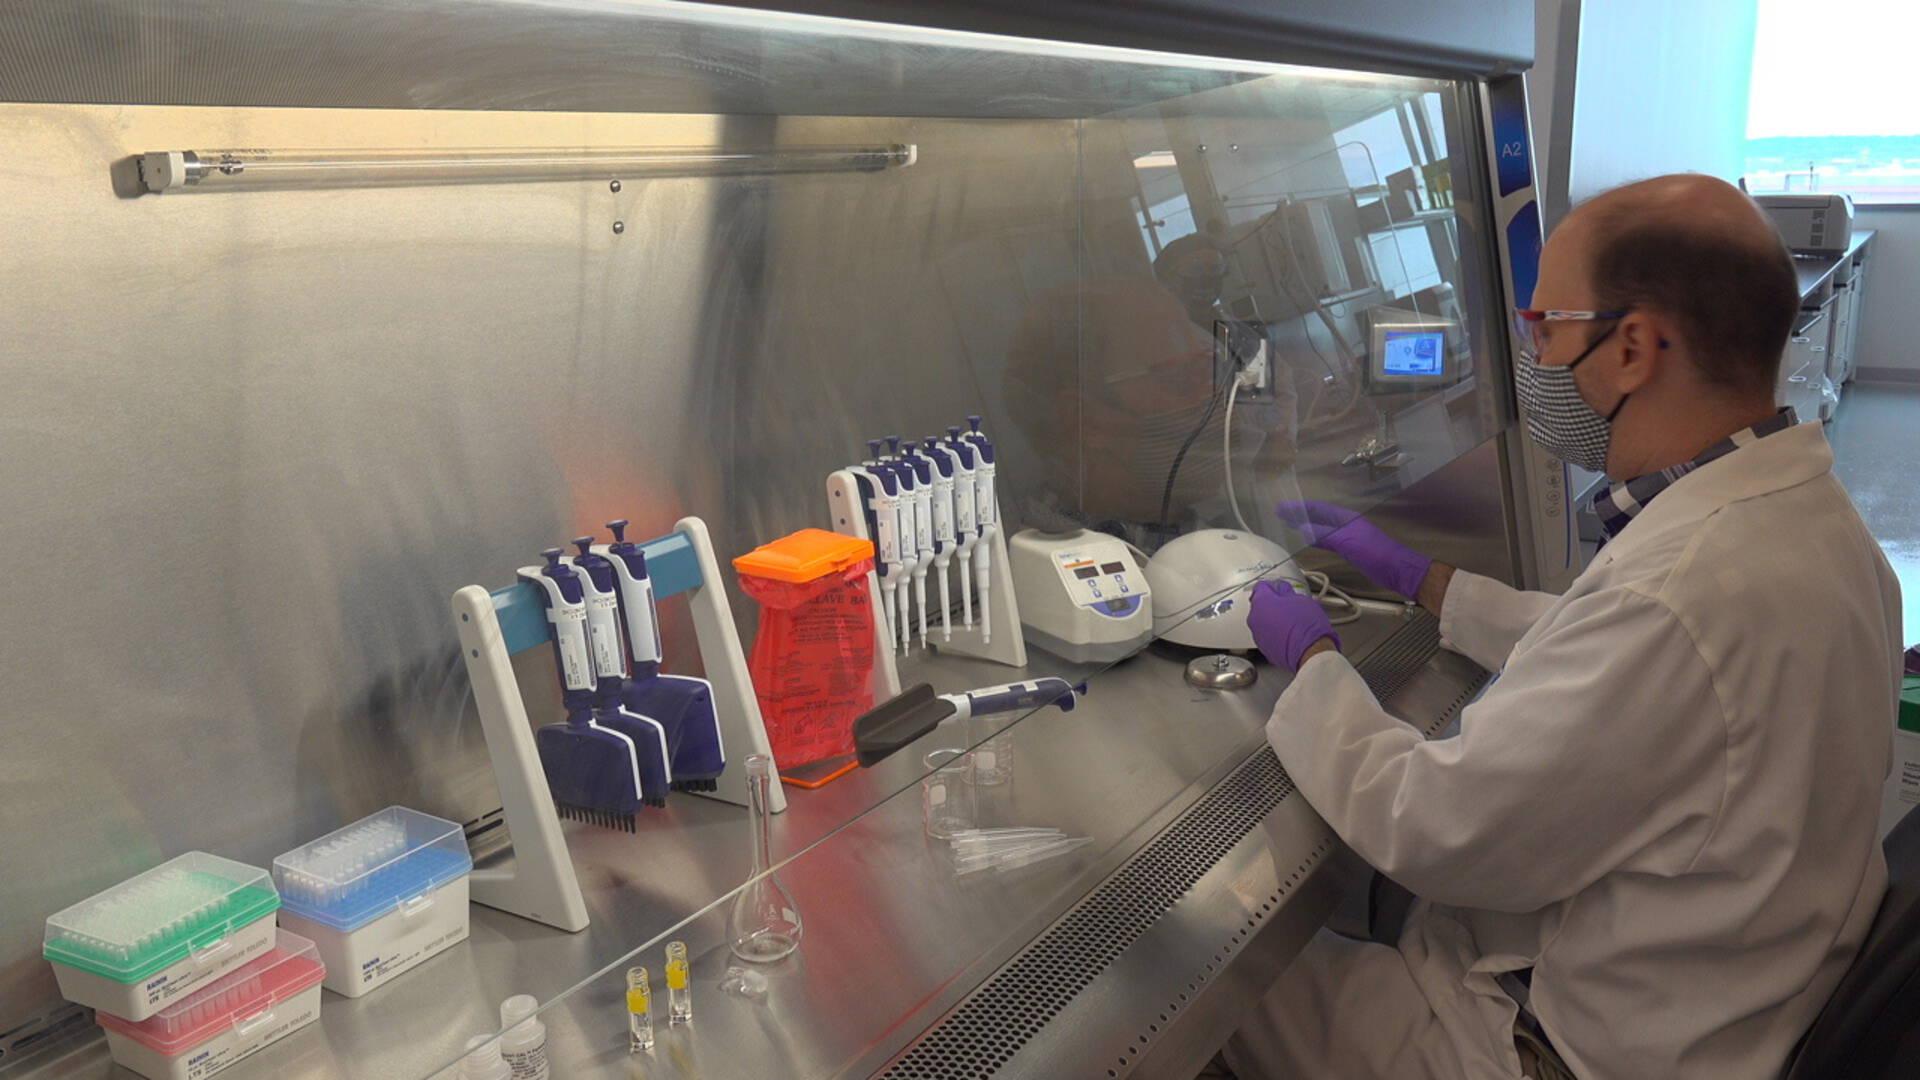 بدأت مراجعة اللقاح الأوروبي وربما تظهر النتائج هذا الشهر